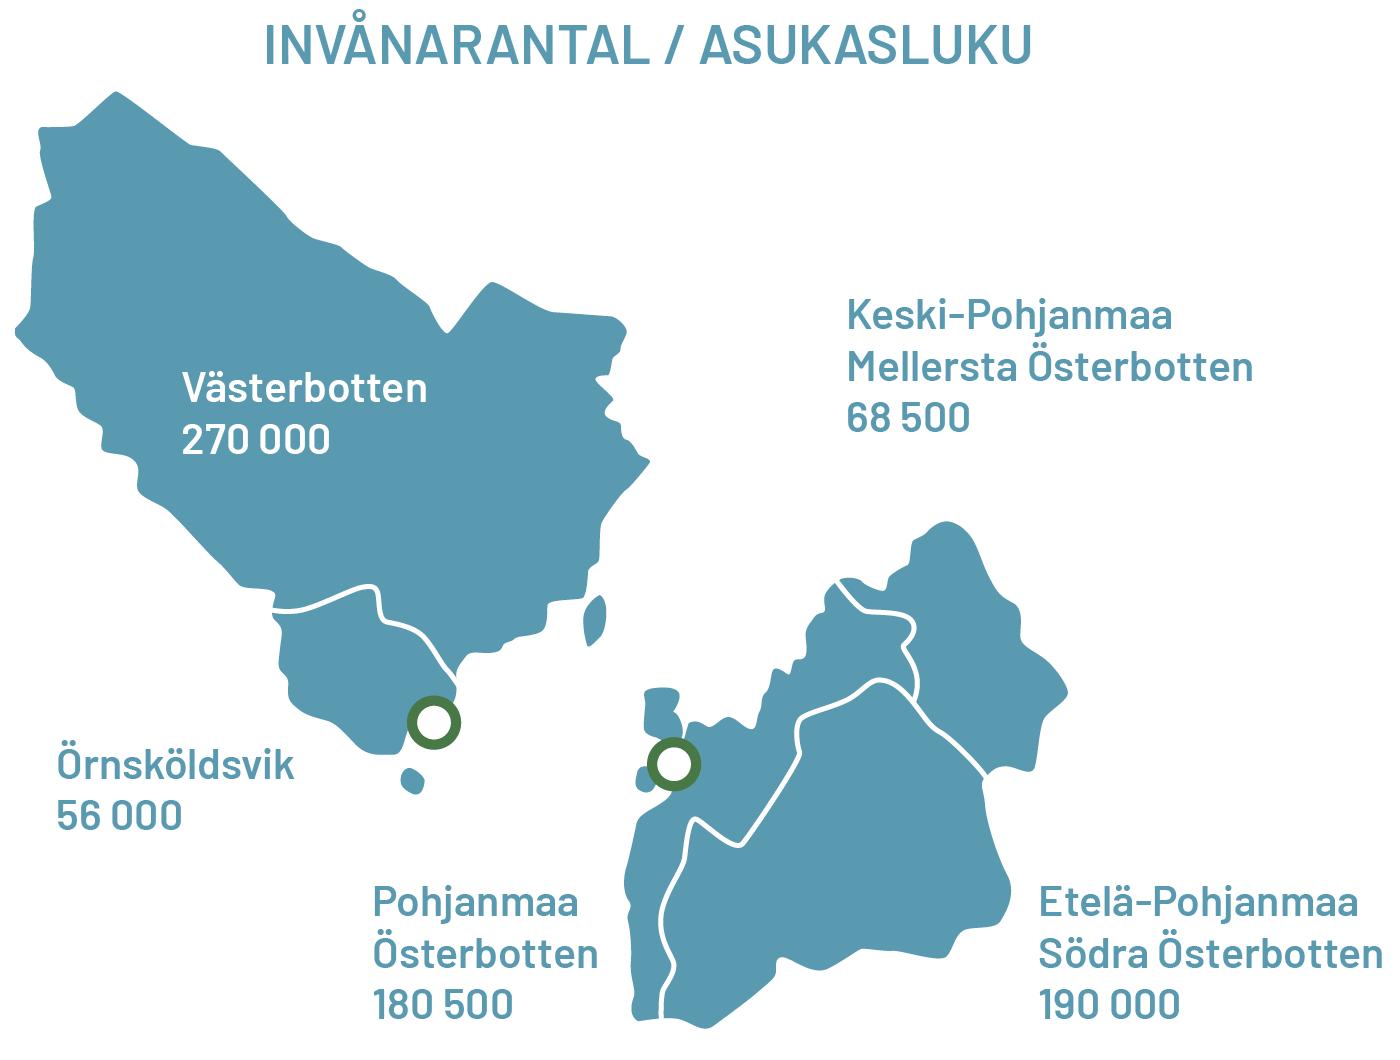 kvarkenregionens invånarantal